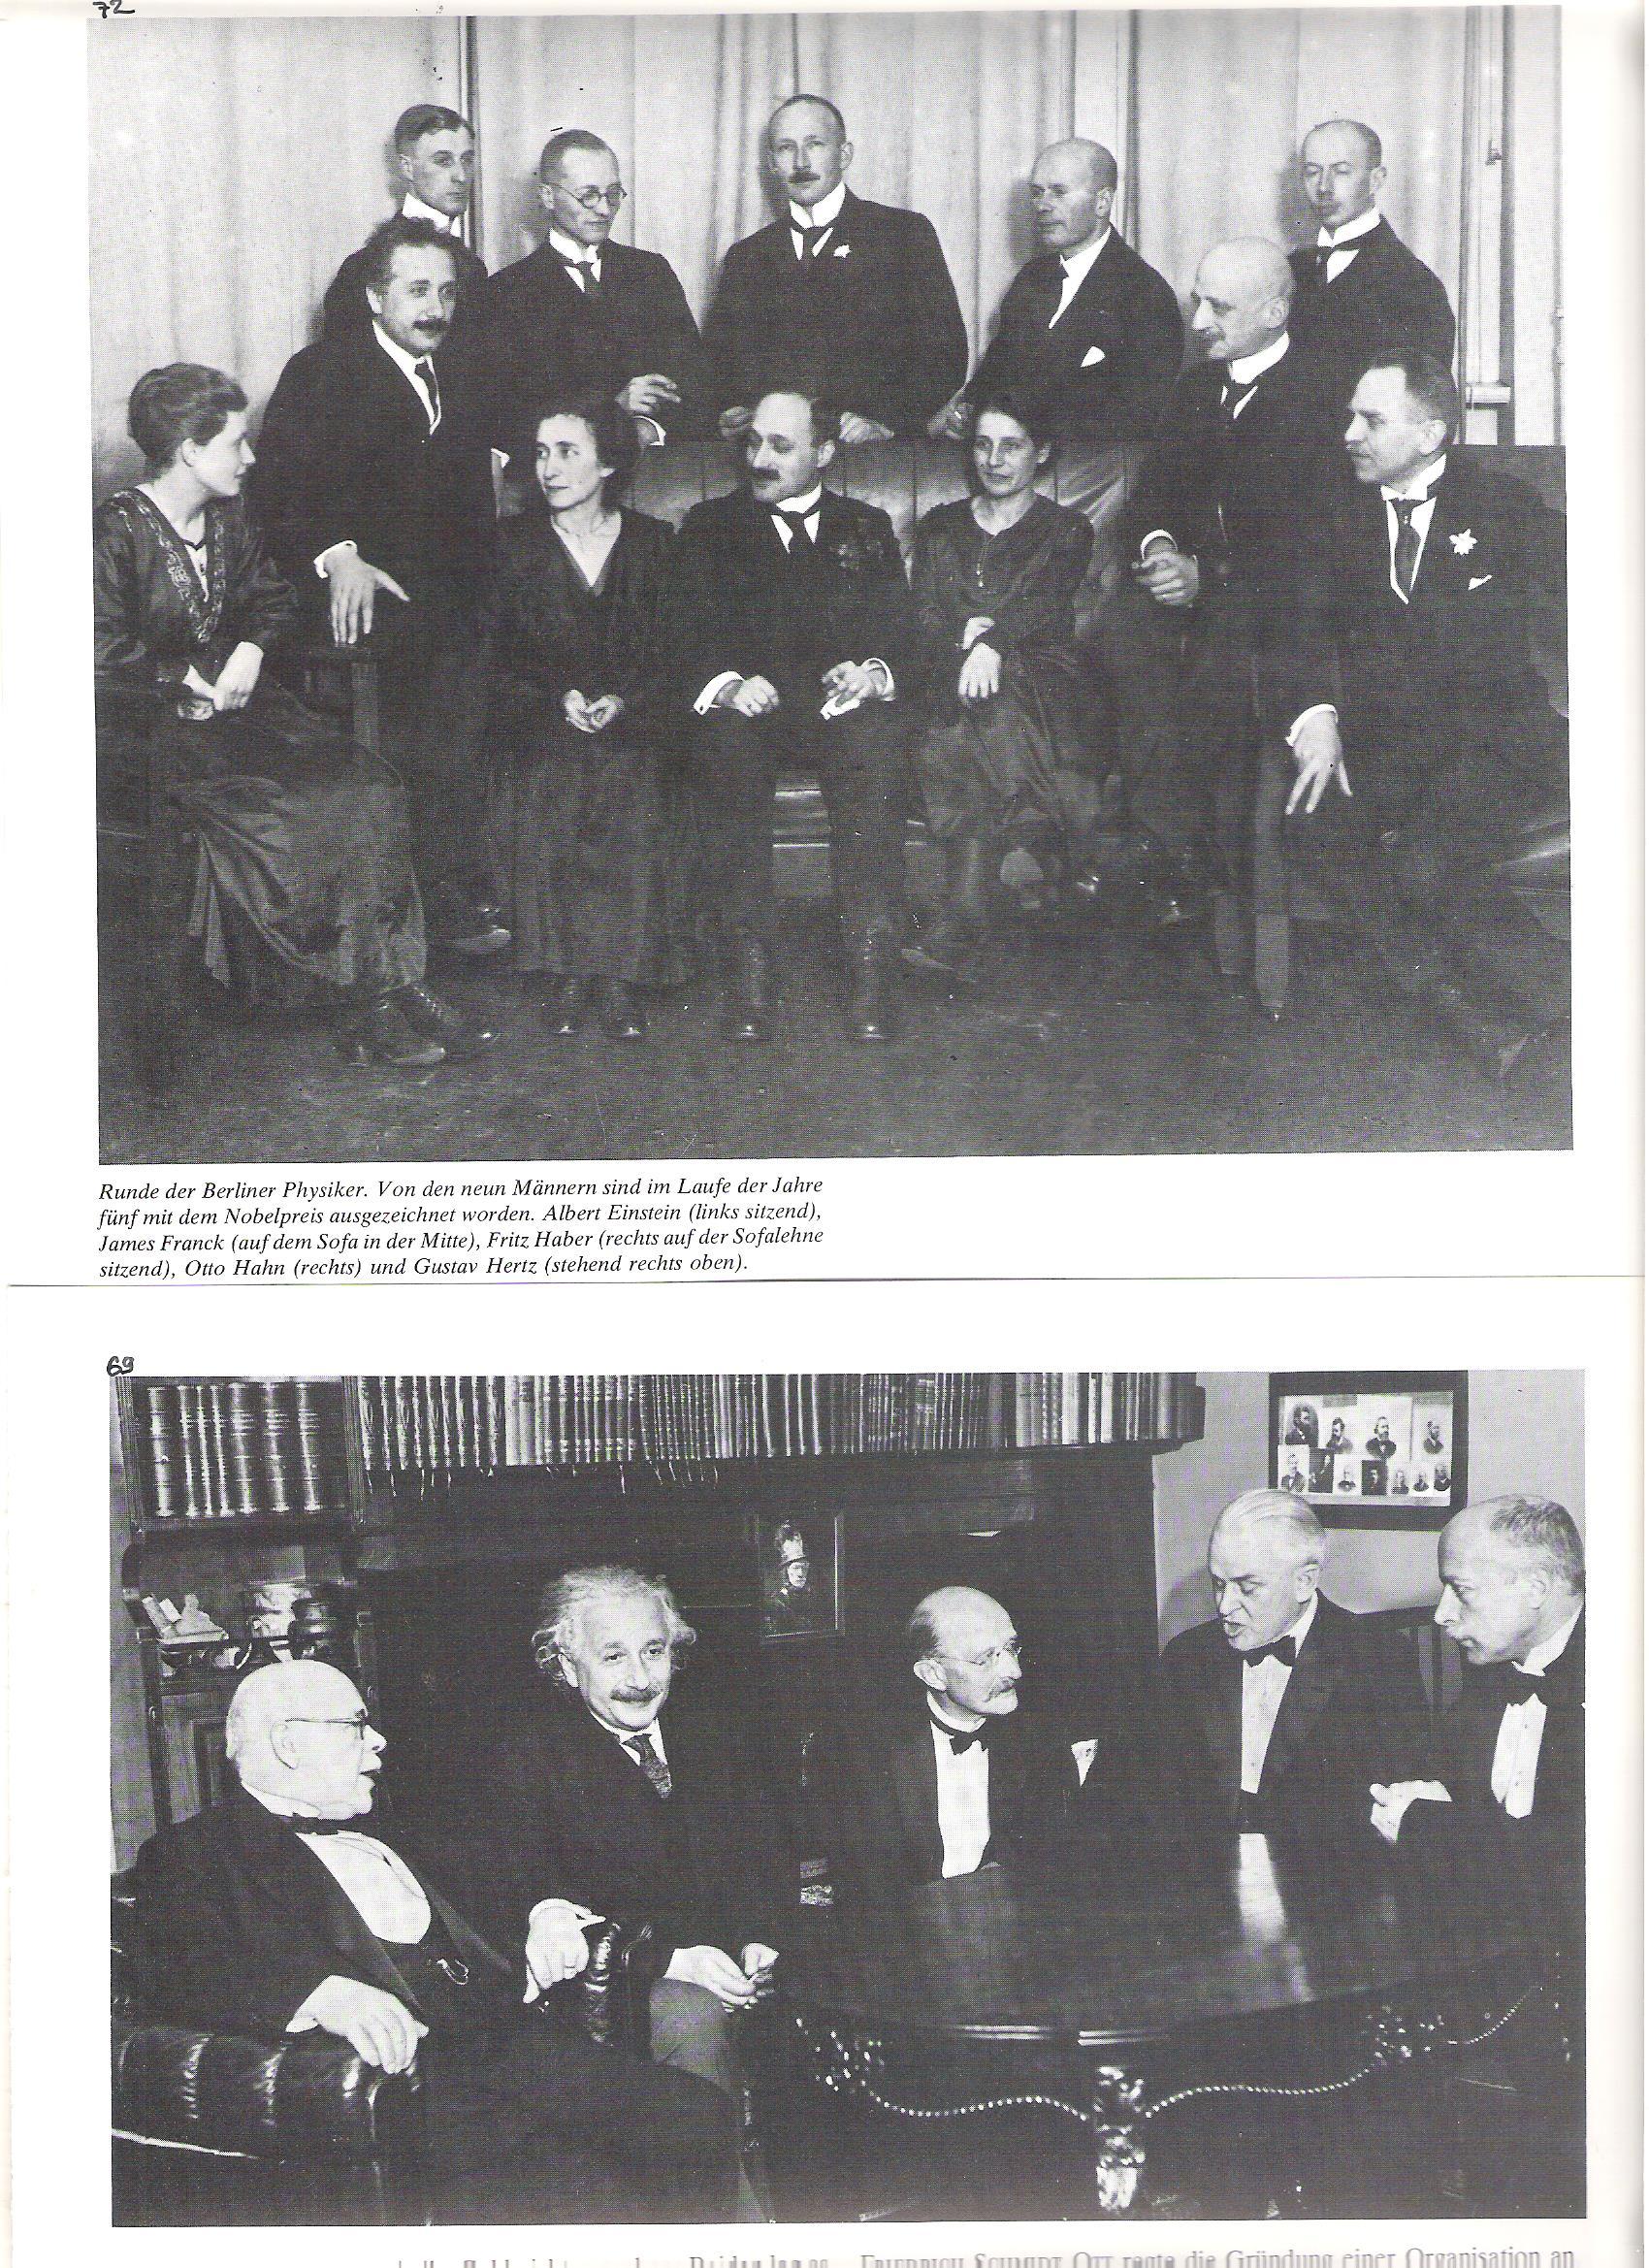 """69<br />Berlini fizikusok egy amerikai vendég körül, Max von Laue lakásában: Balról jobbra: Nernst, Einstein, Planck, Millikan, Laue. Einstein Berlinben tudományos szempontból jól érezte magát, ám """"hazájává"""" a város nem vált.<br /><br />72<br />Berlini fizikusok köre. A kilenc férfi közül az évek során ötöt Nobel-díjjal tüntettek ki. Albert Einstein (balról ül), James Franck (a pamlag közepén), Fritz Haber (jobbról ül a pamlag karfáján), Otto Hahn (jobbról), és Gustav Hertz (jobbra fönt áll)."""